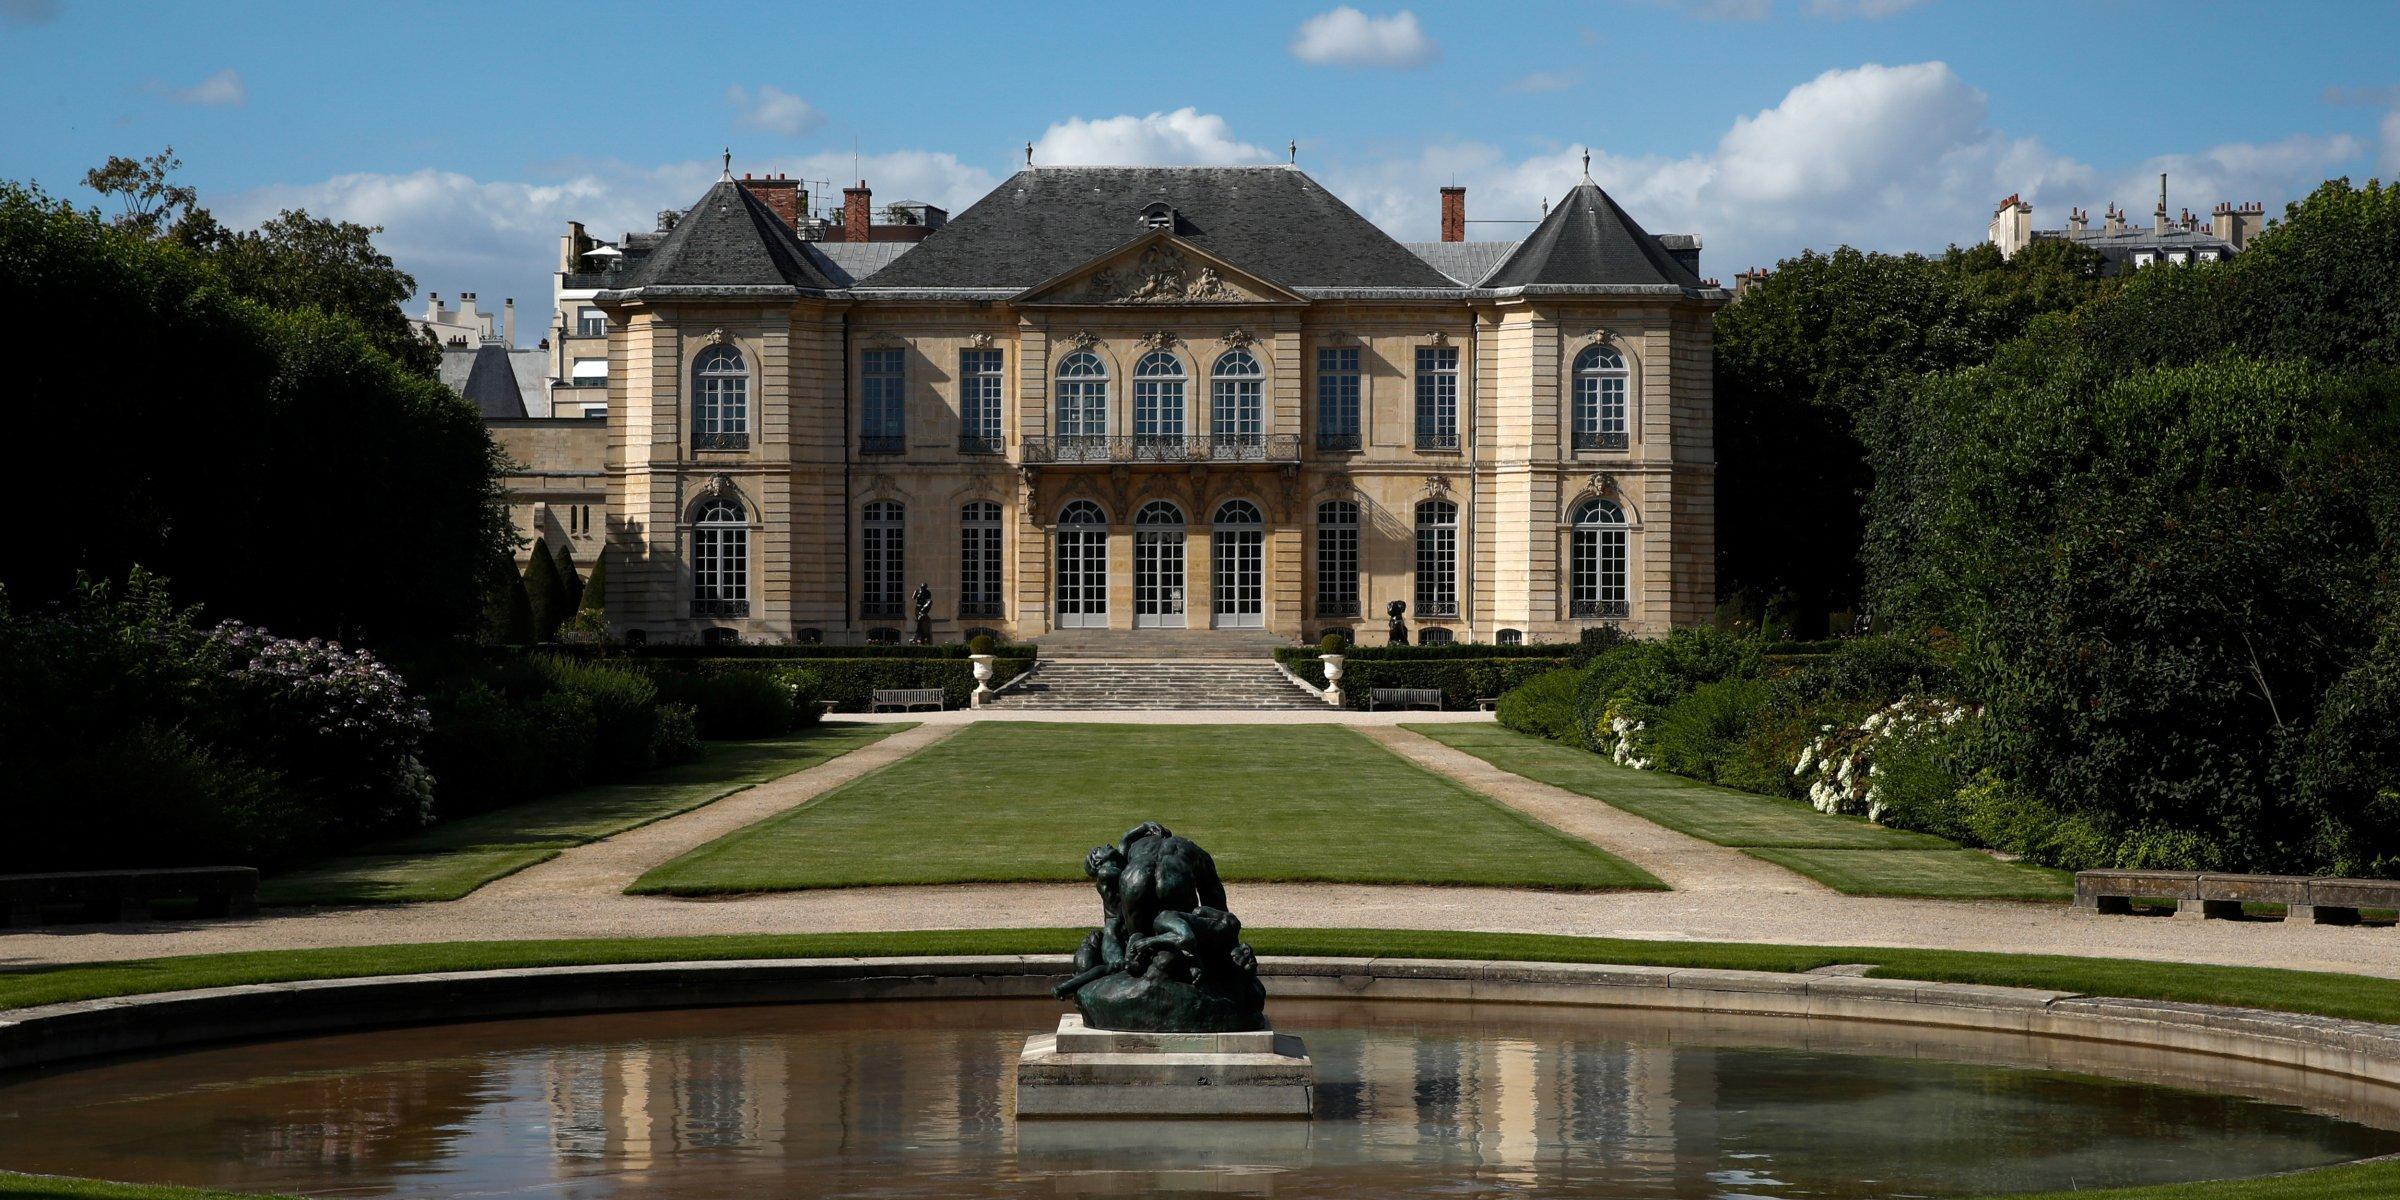 Fransız Rodin Müzesi COVID-19 krizinin ortasında bronz heykeller satıyor